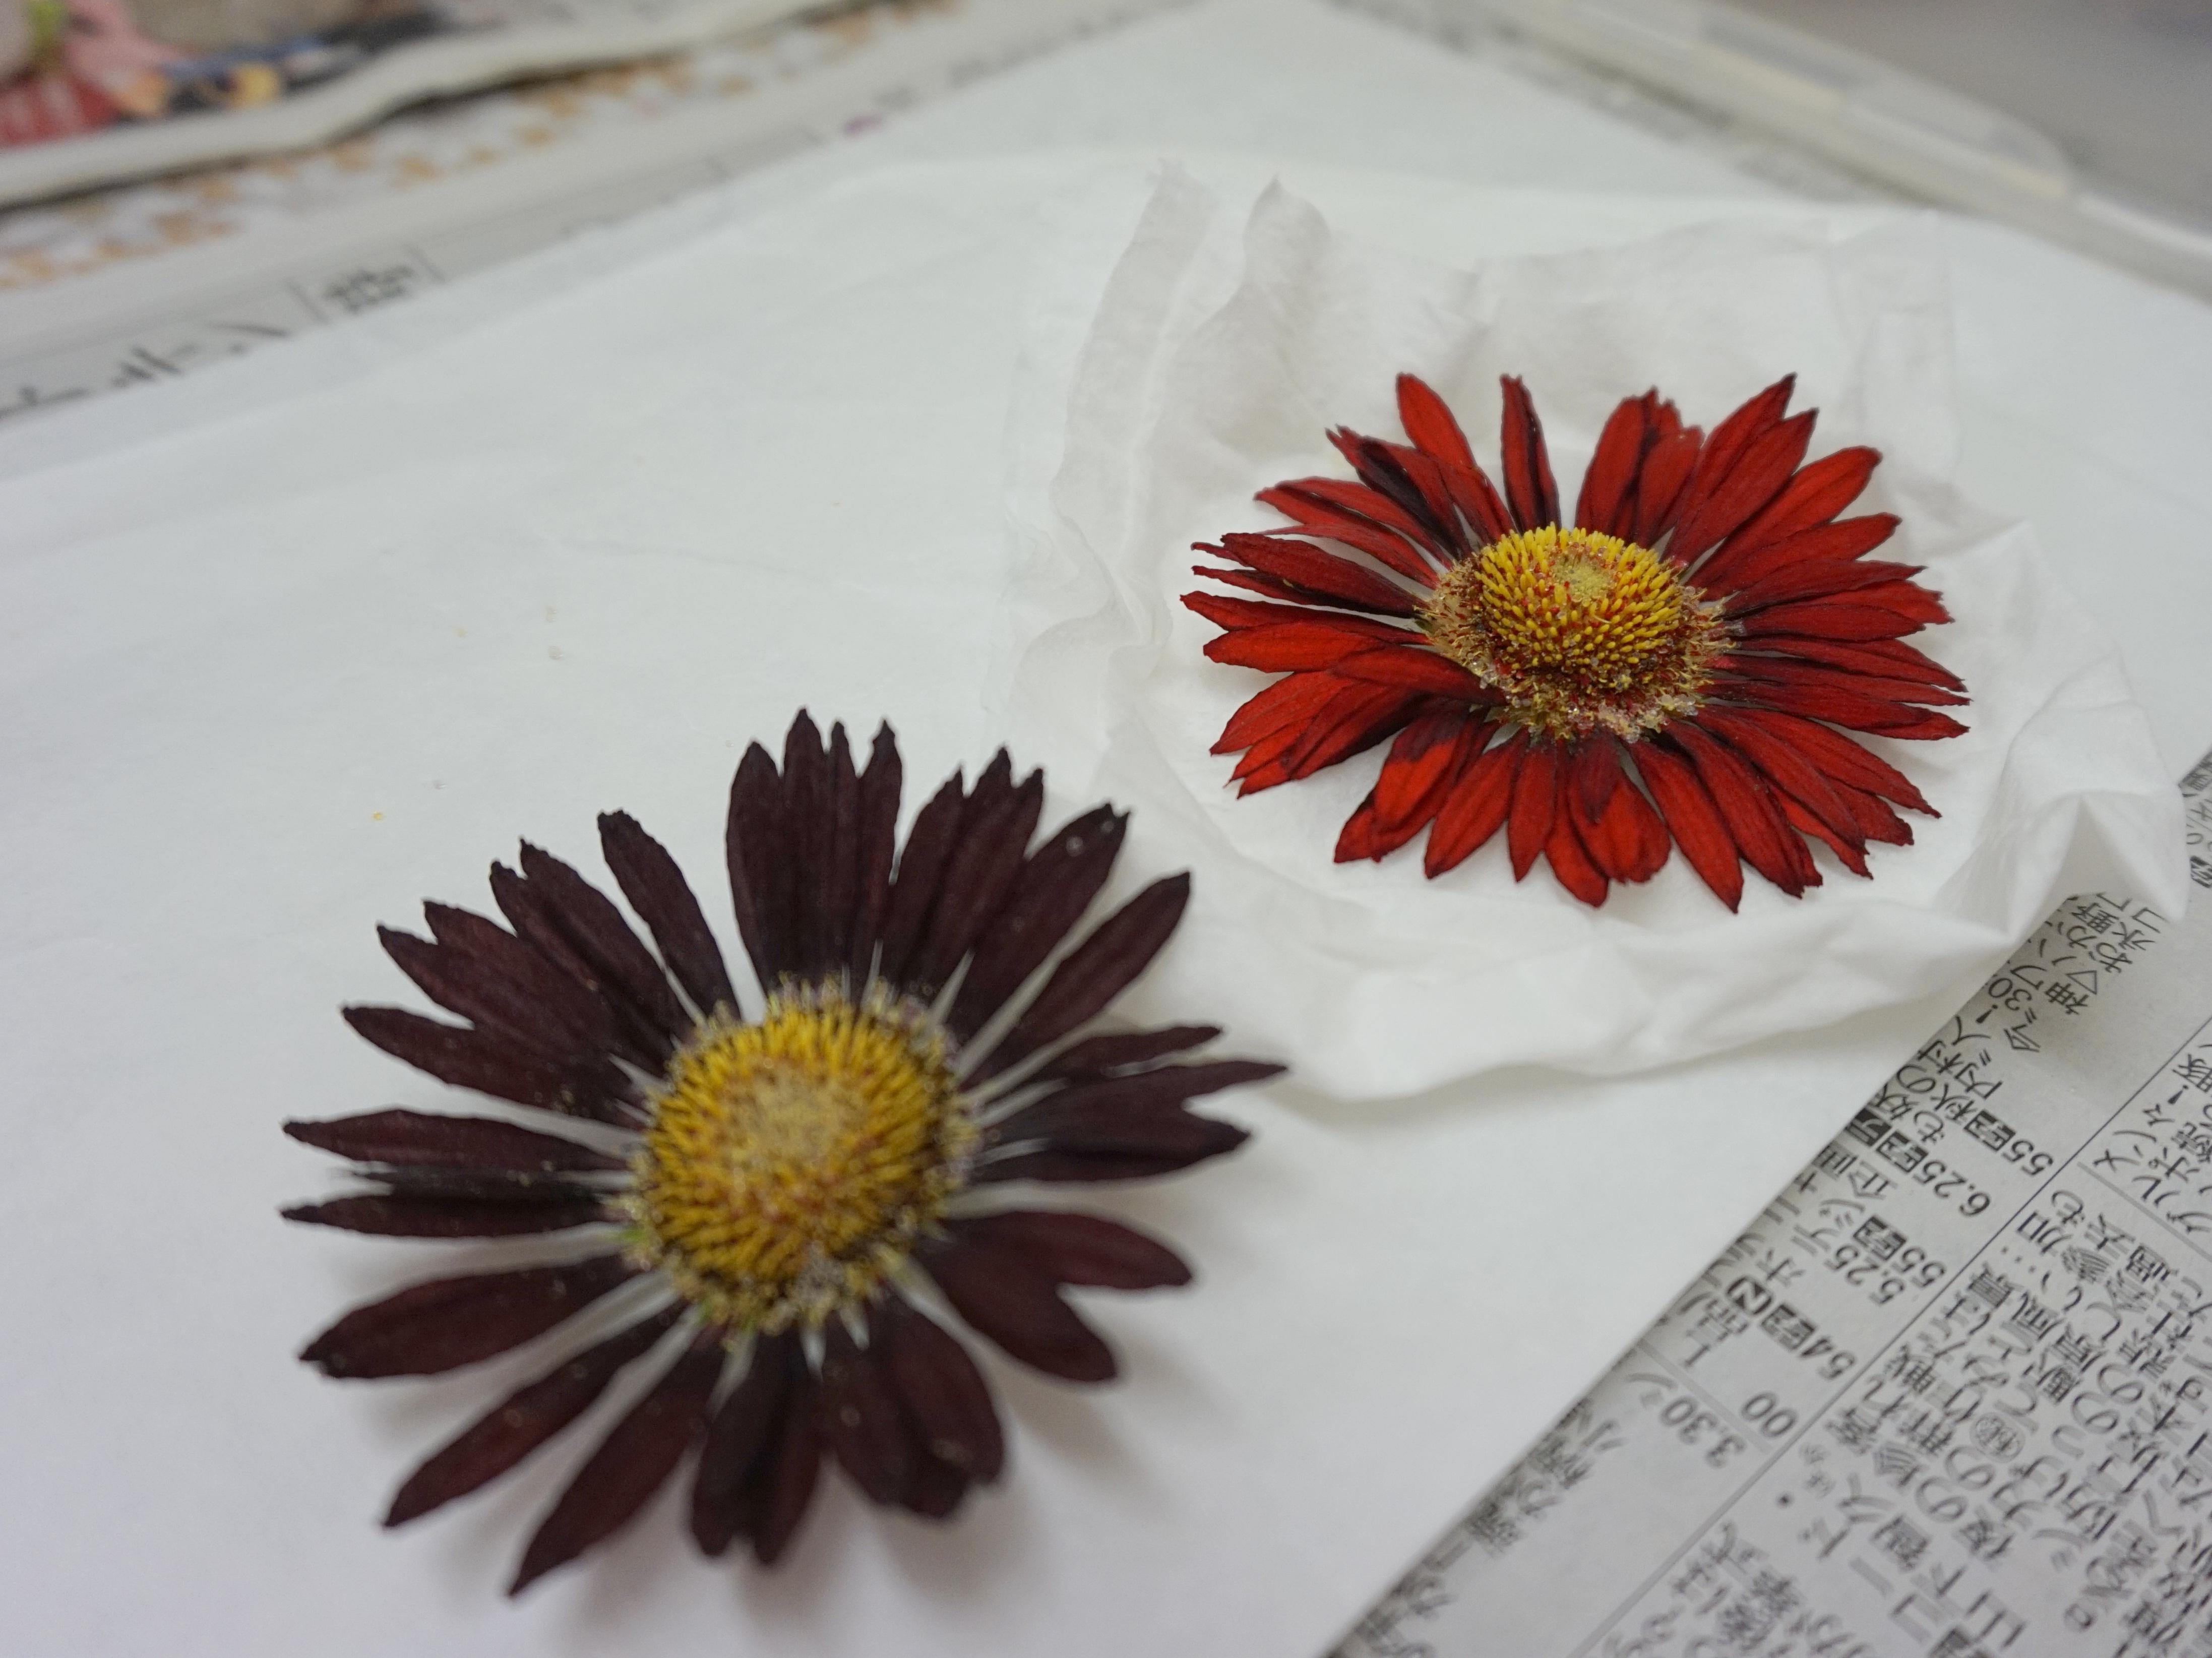 赤花処理 レカンフラワー乾燥材での処理